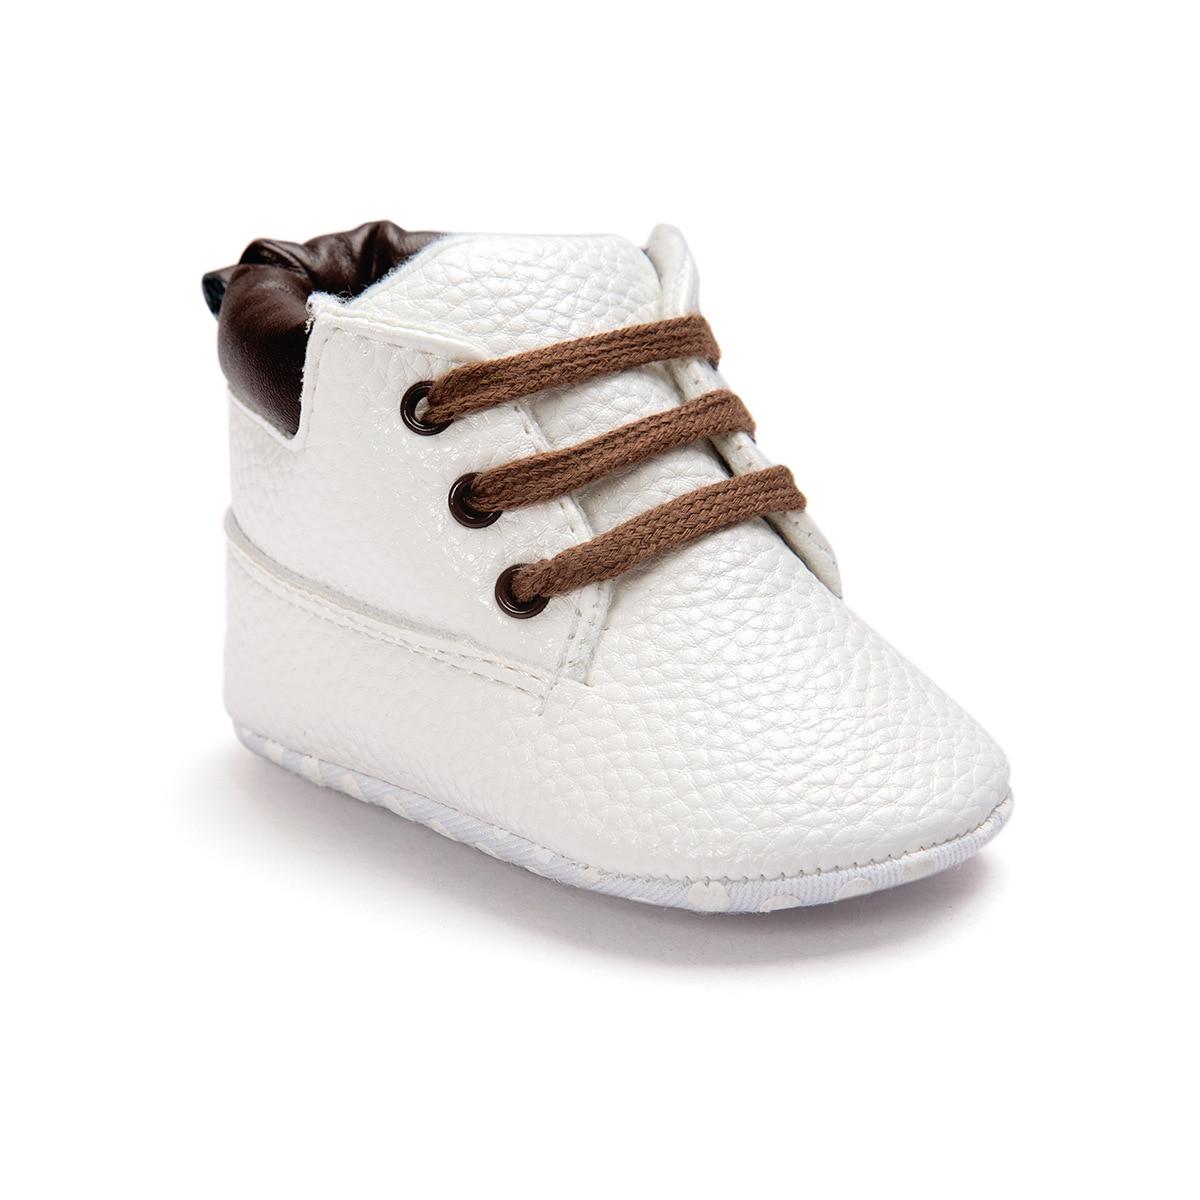 ROMIRUS Bayi Pertama Walkers Sepatu Bayi Lembut Bawah Mode Jumbai - Sepatu bayi - Foto 4